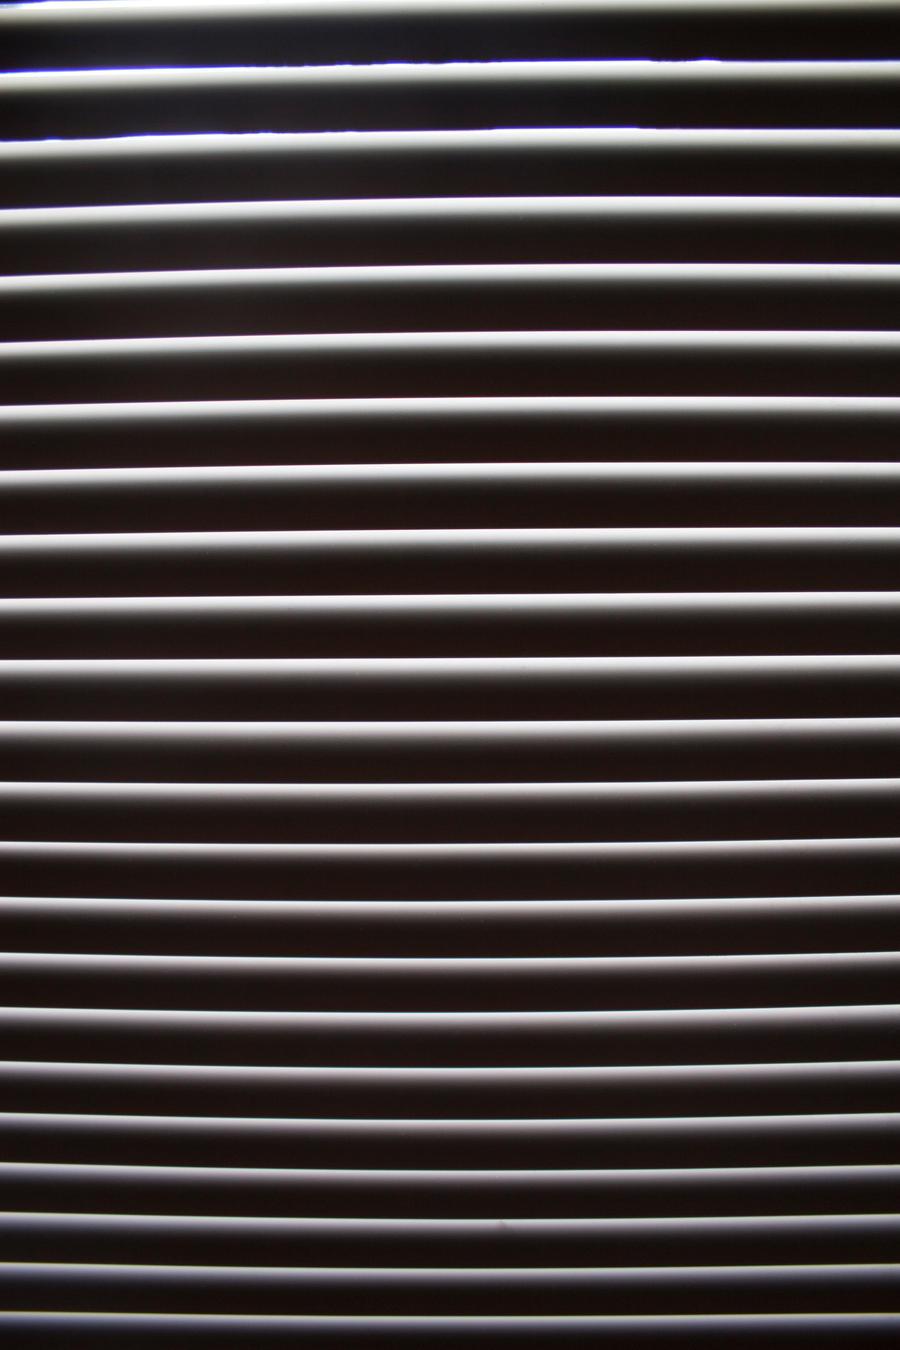 Window Blinds Stock by muttbutt on DeviantArt